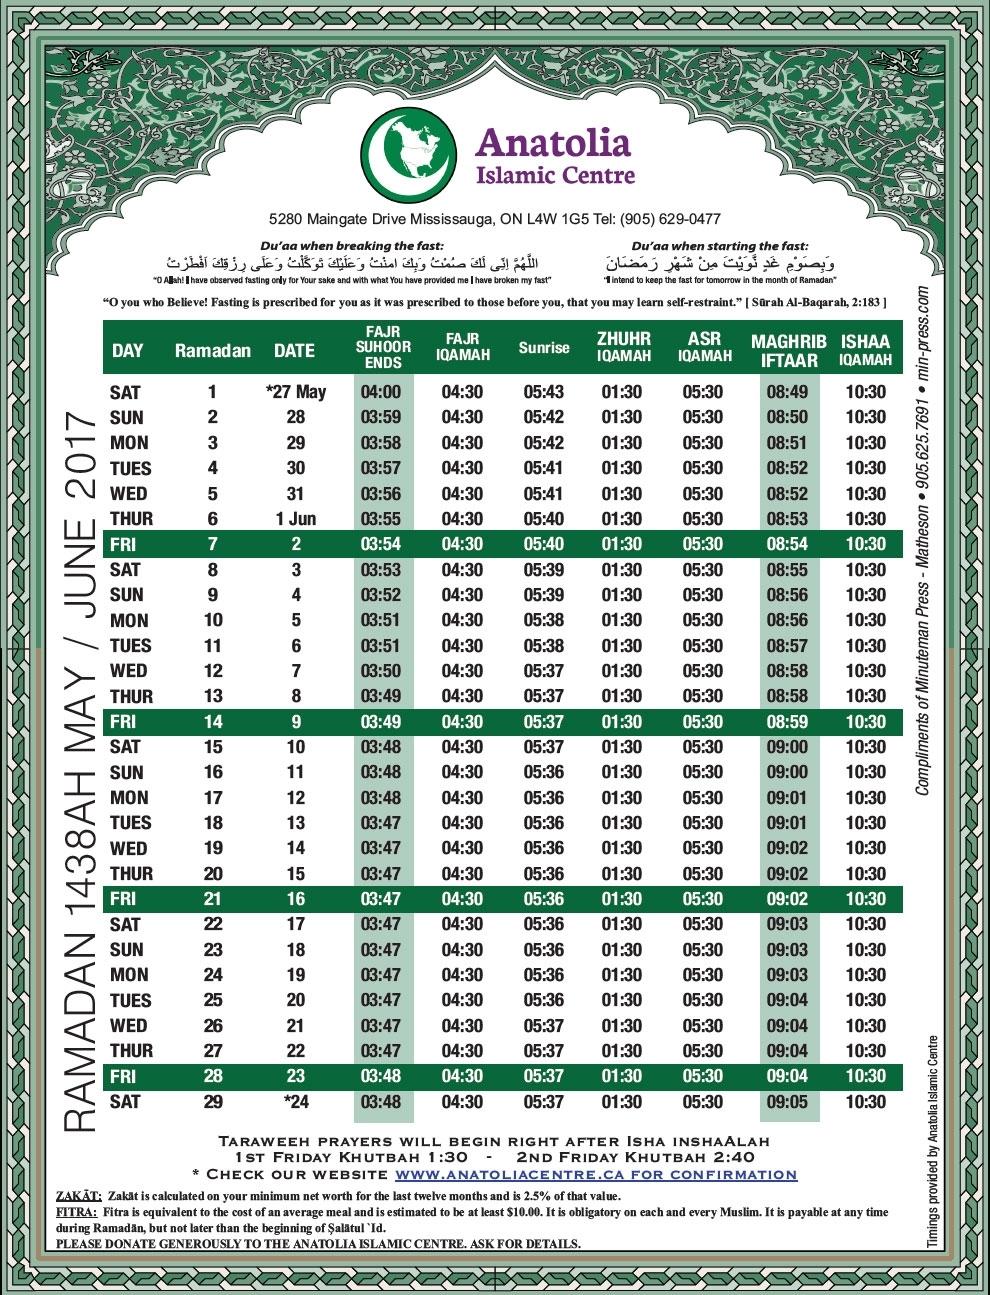 Ramadan Calendar - Anatolia Islamic Center regarding Urdu Calendar With Time Table